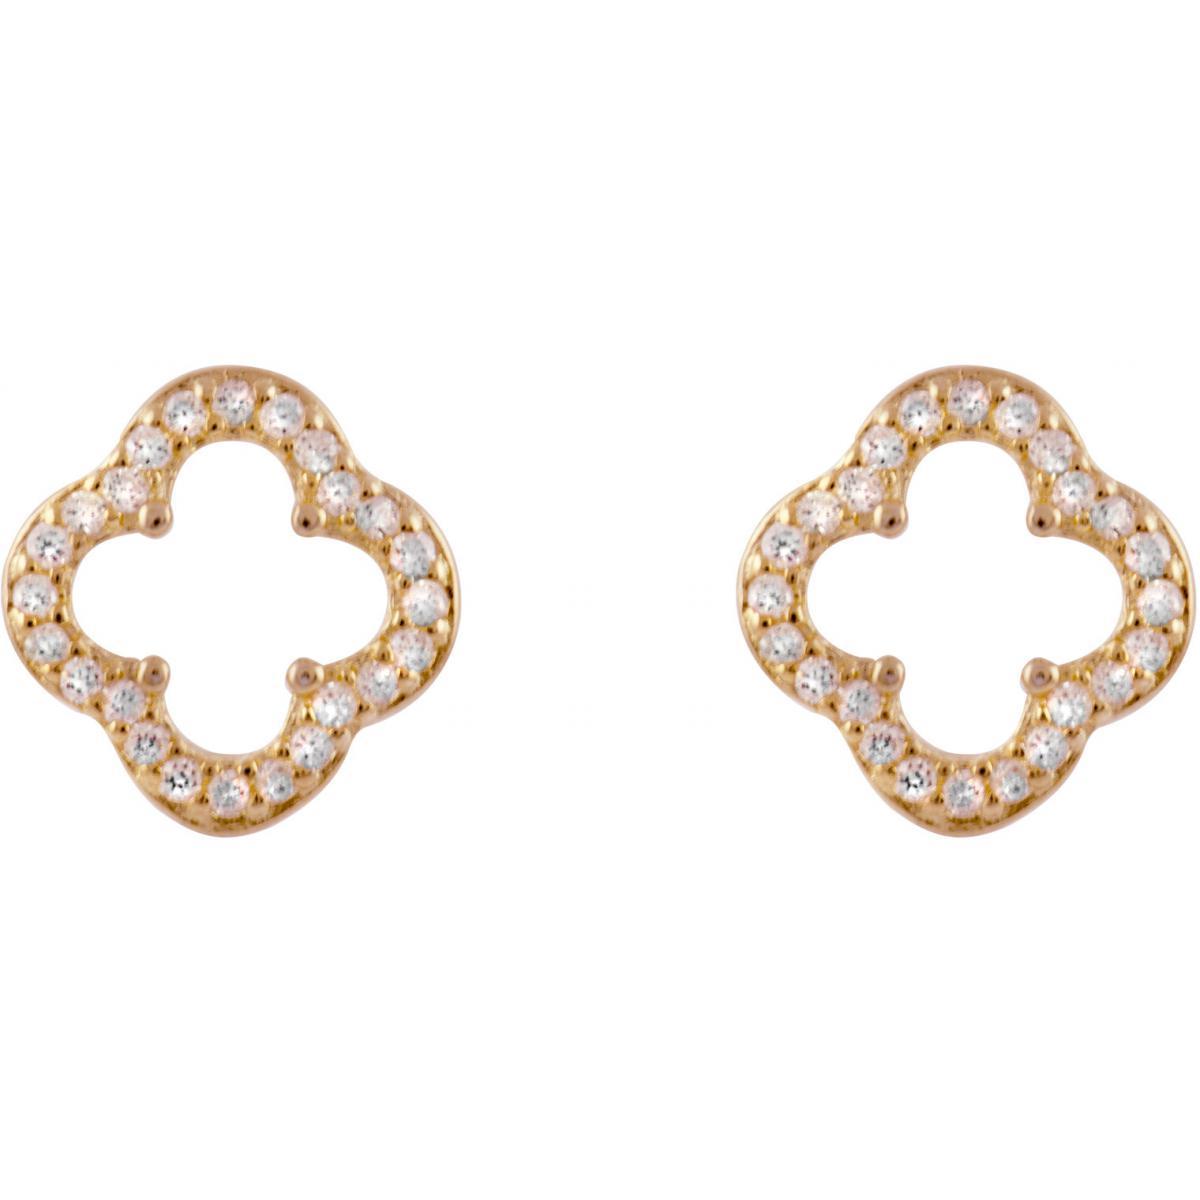 Boucles d'oreilles Luxenter EH100R00 - Boucles d'oreilles Trefle Ajoure Rose Femme